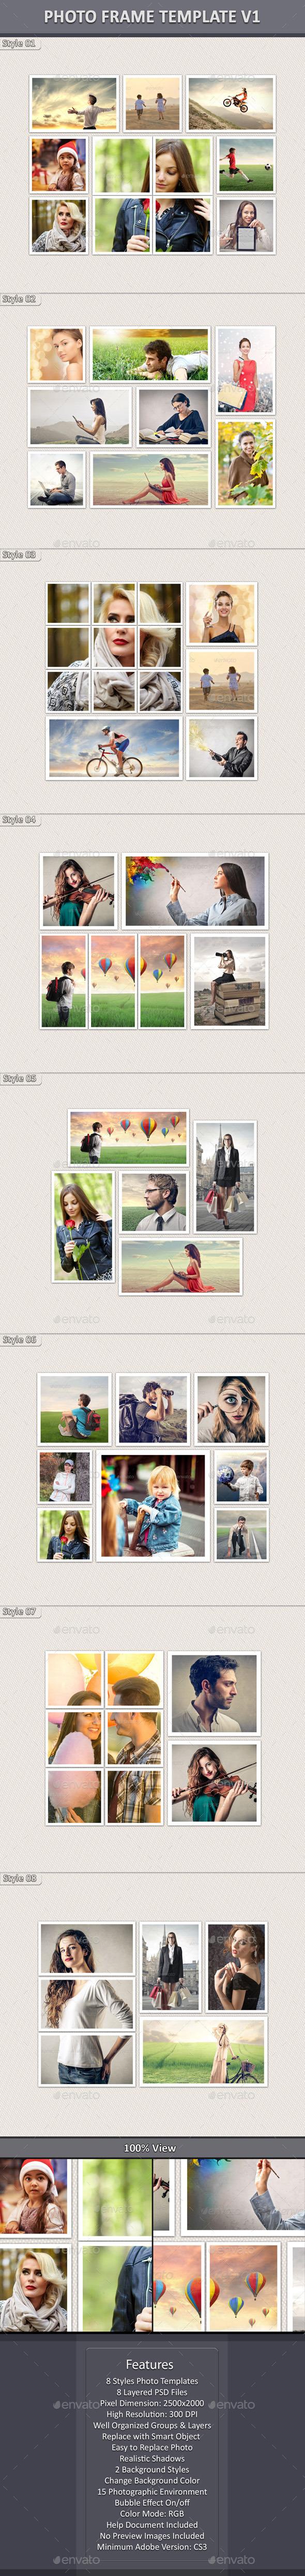 GraphicRiver Photo Frame Template v1 10589887